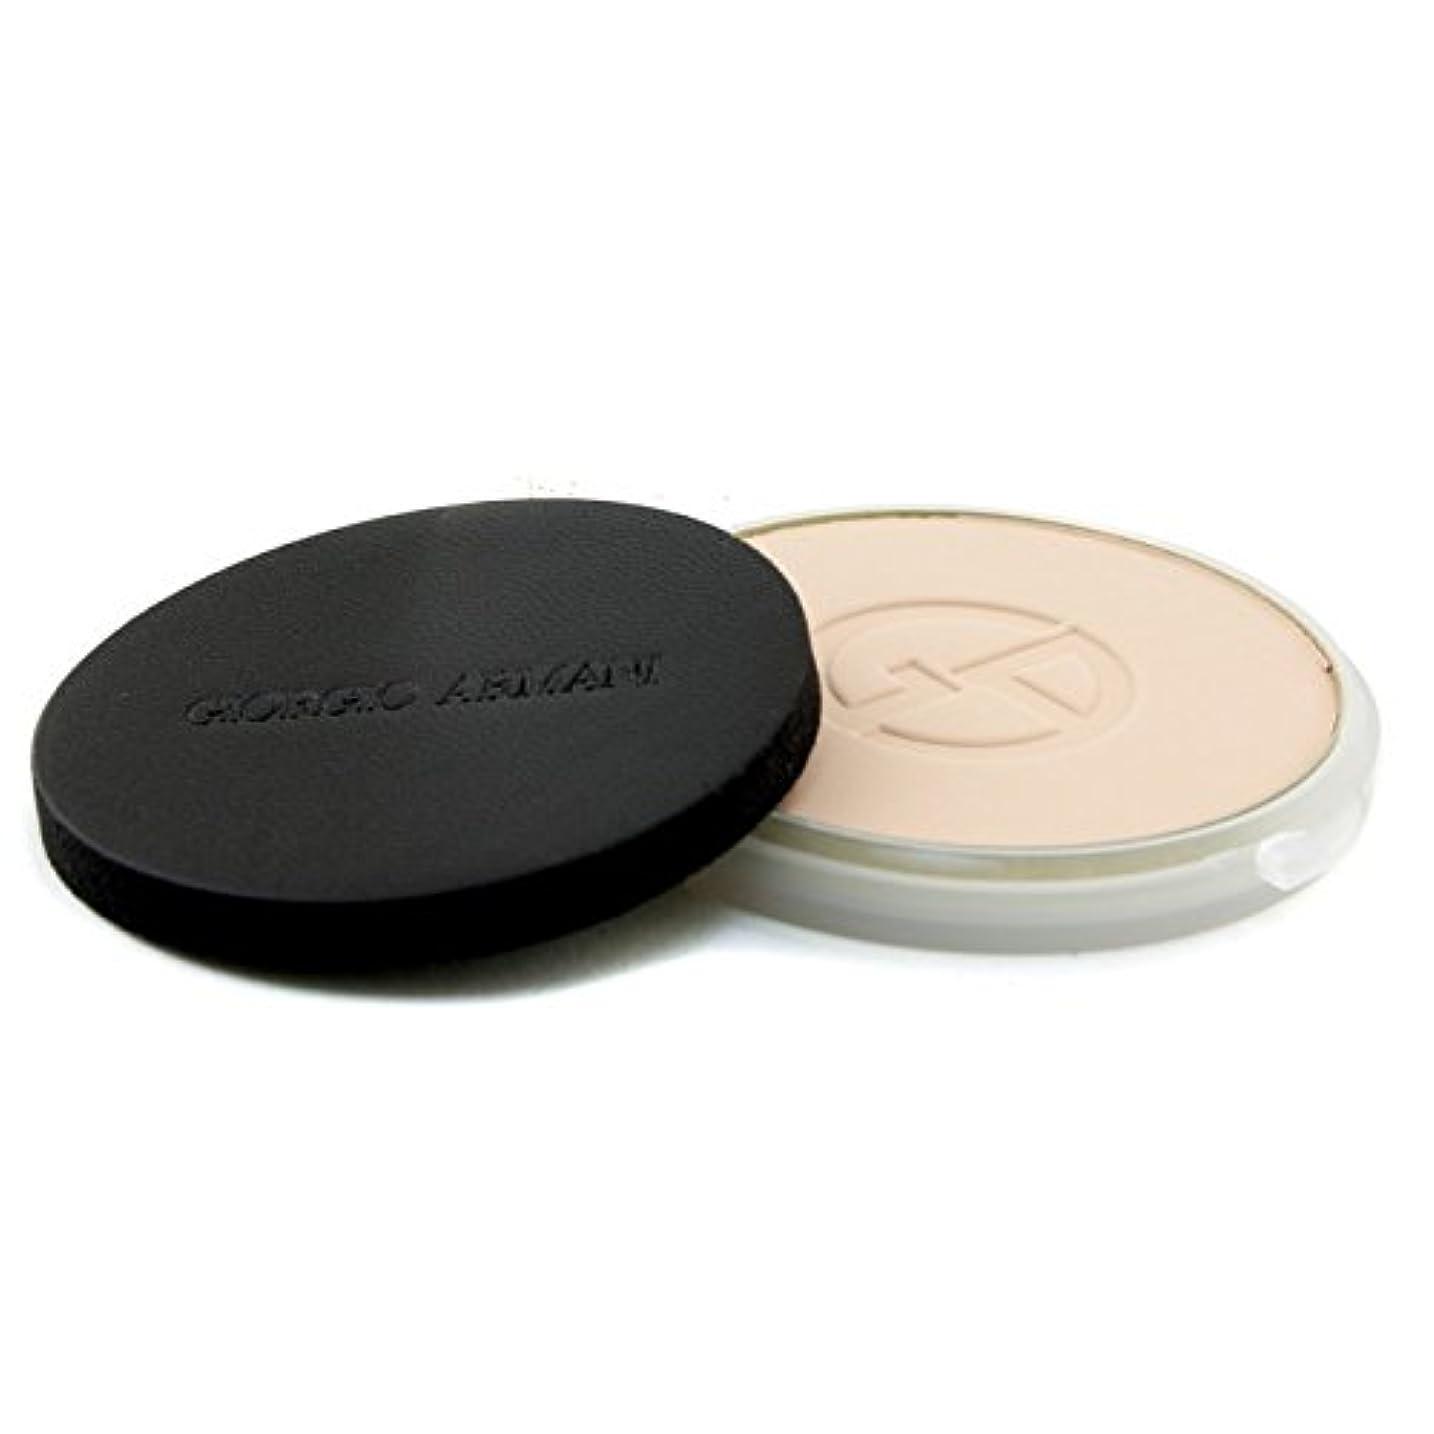 説得力のある評論家ムスタチオジョルジオアルマーニ Lasting Silk UV Compact Foundation SPF 34 (Refill) - # 3 (Light Sand) 9g/0.3oz並行輸入品